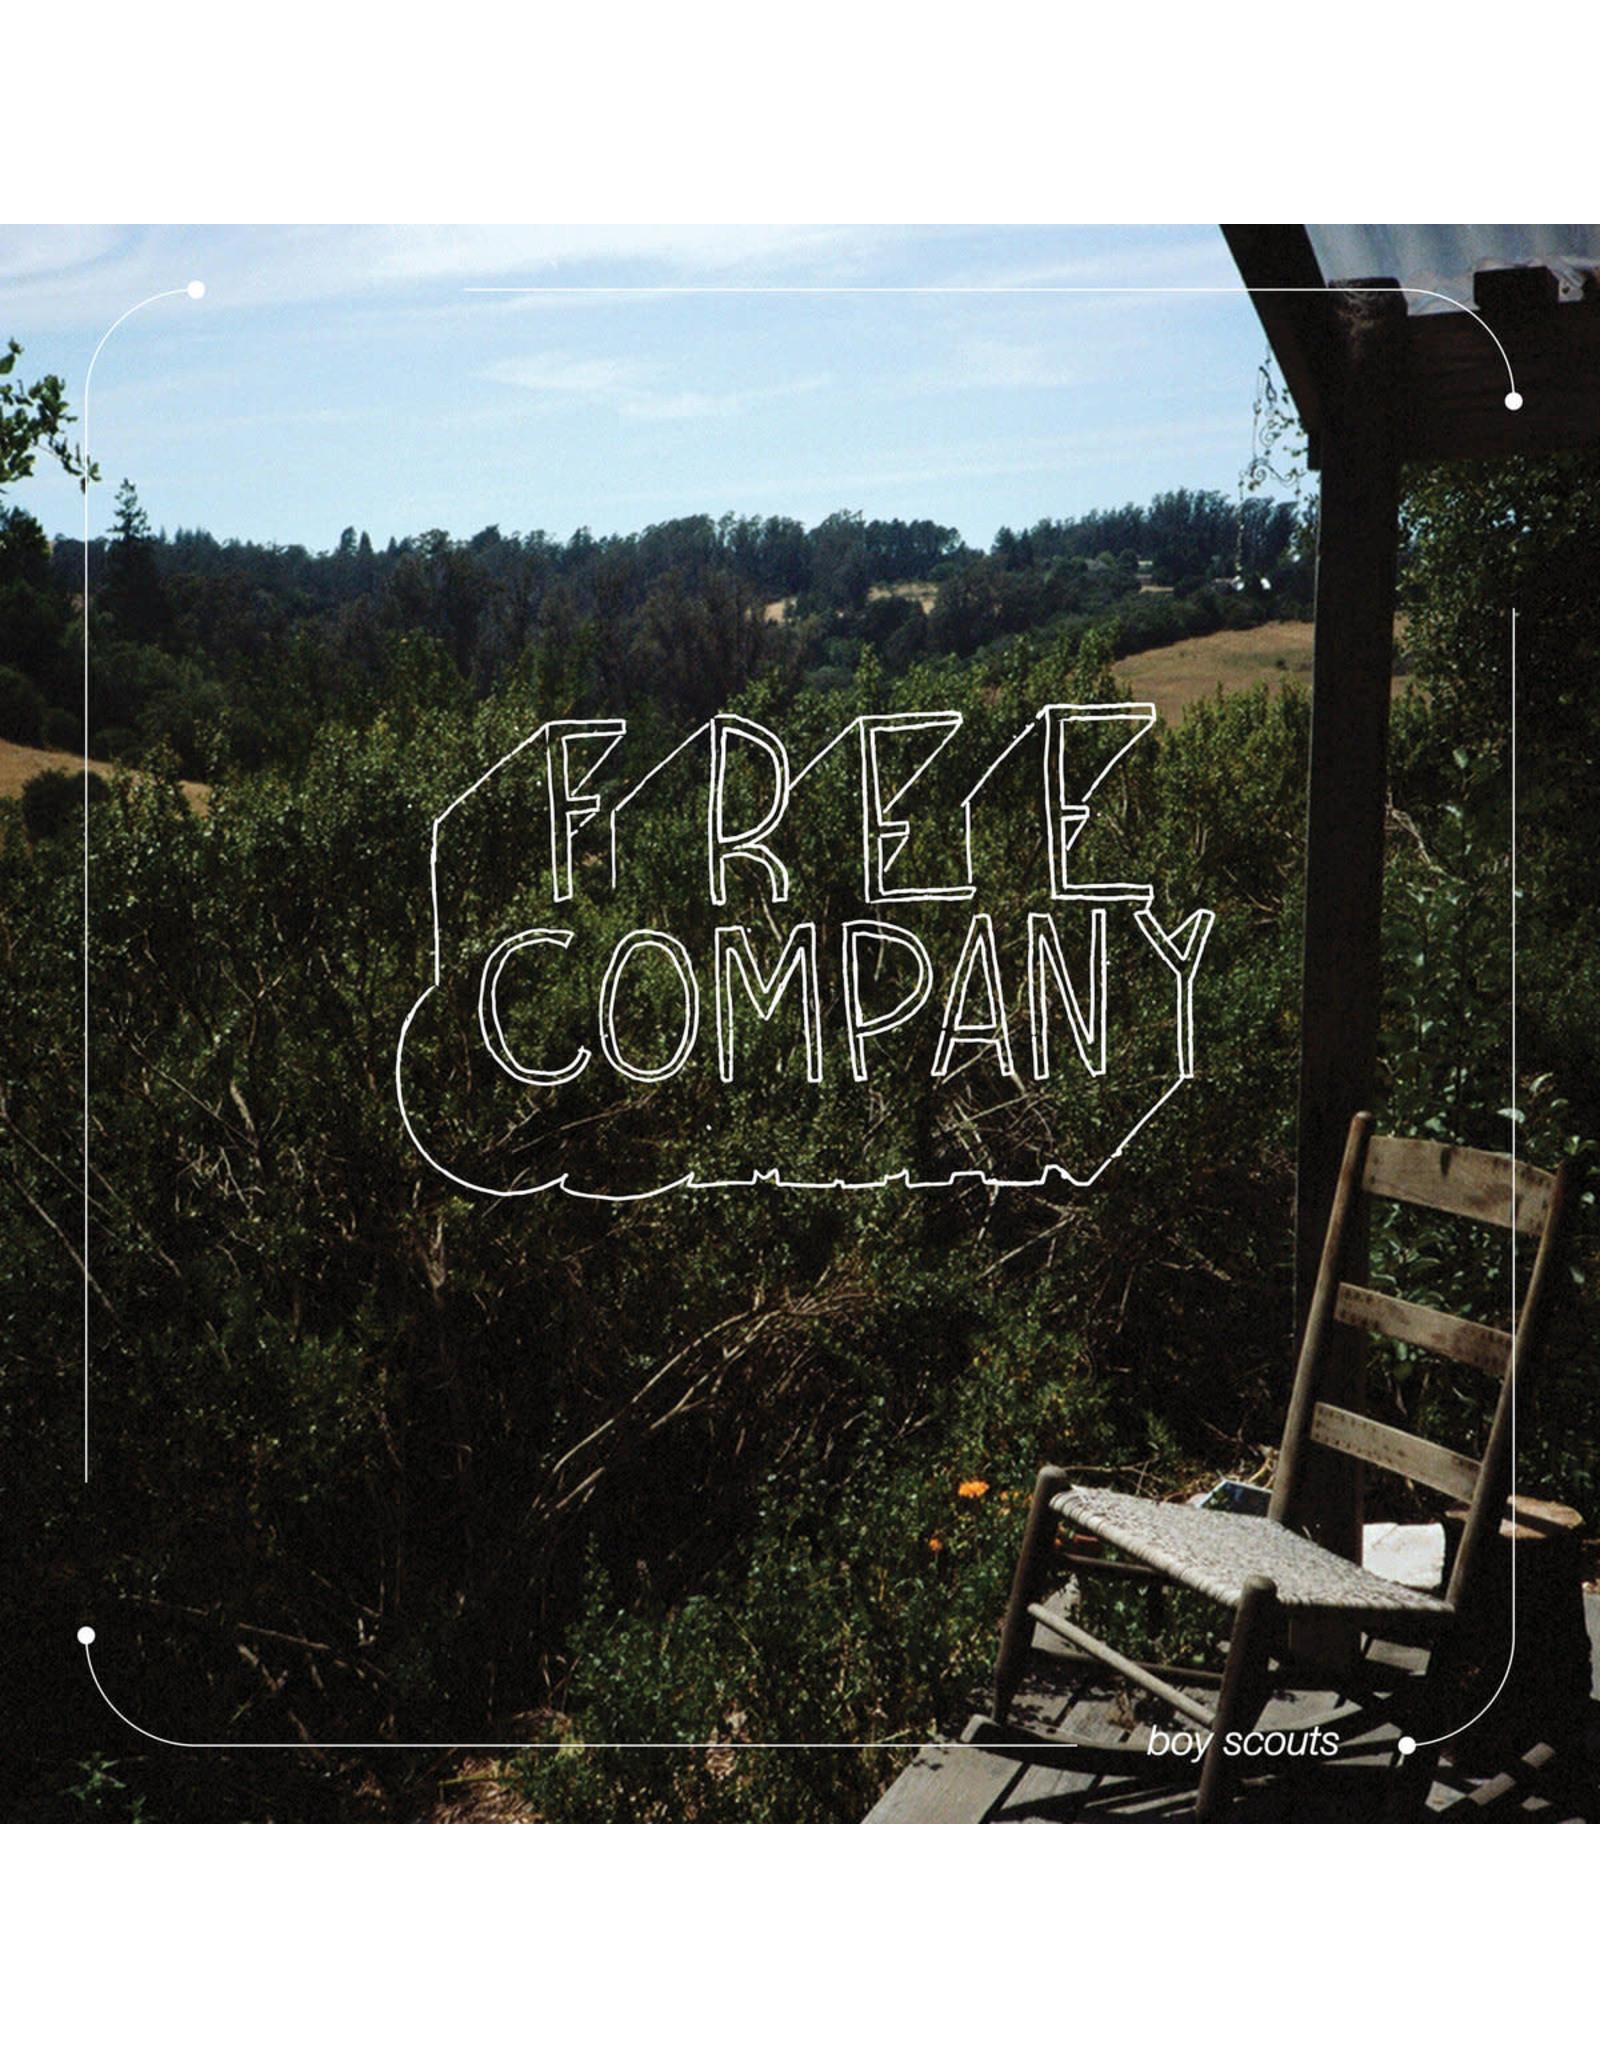 Boy Scouts - Free Company LP